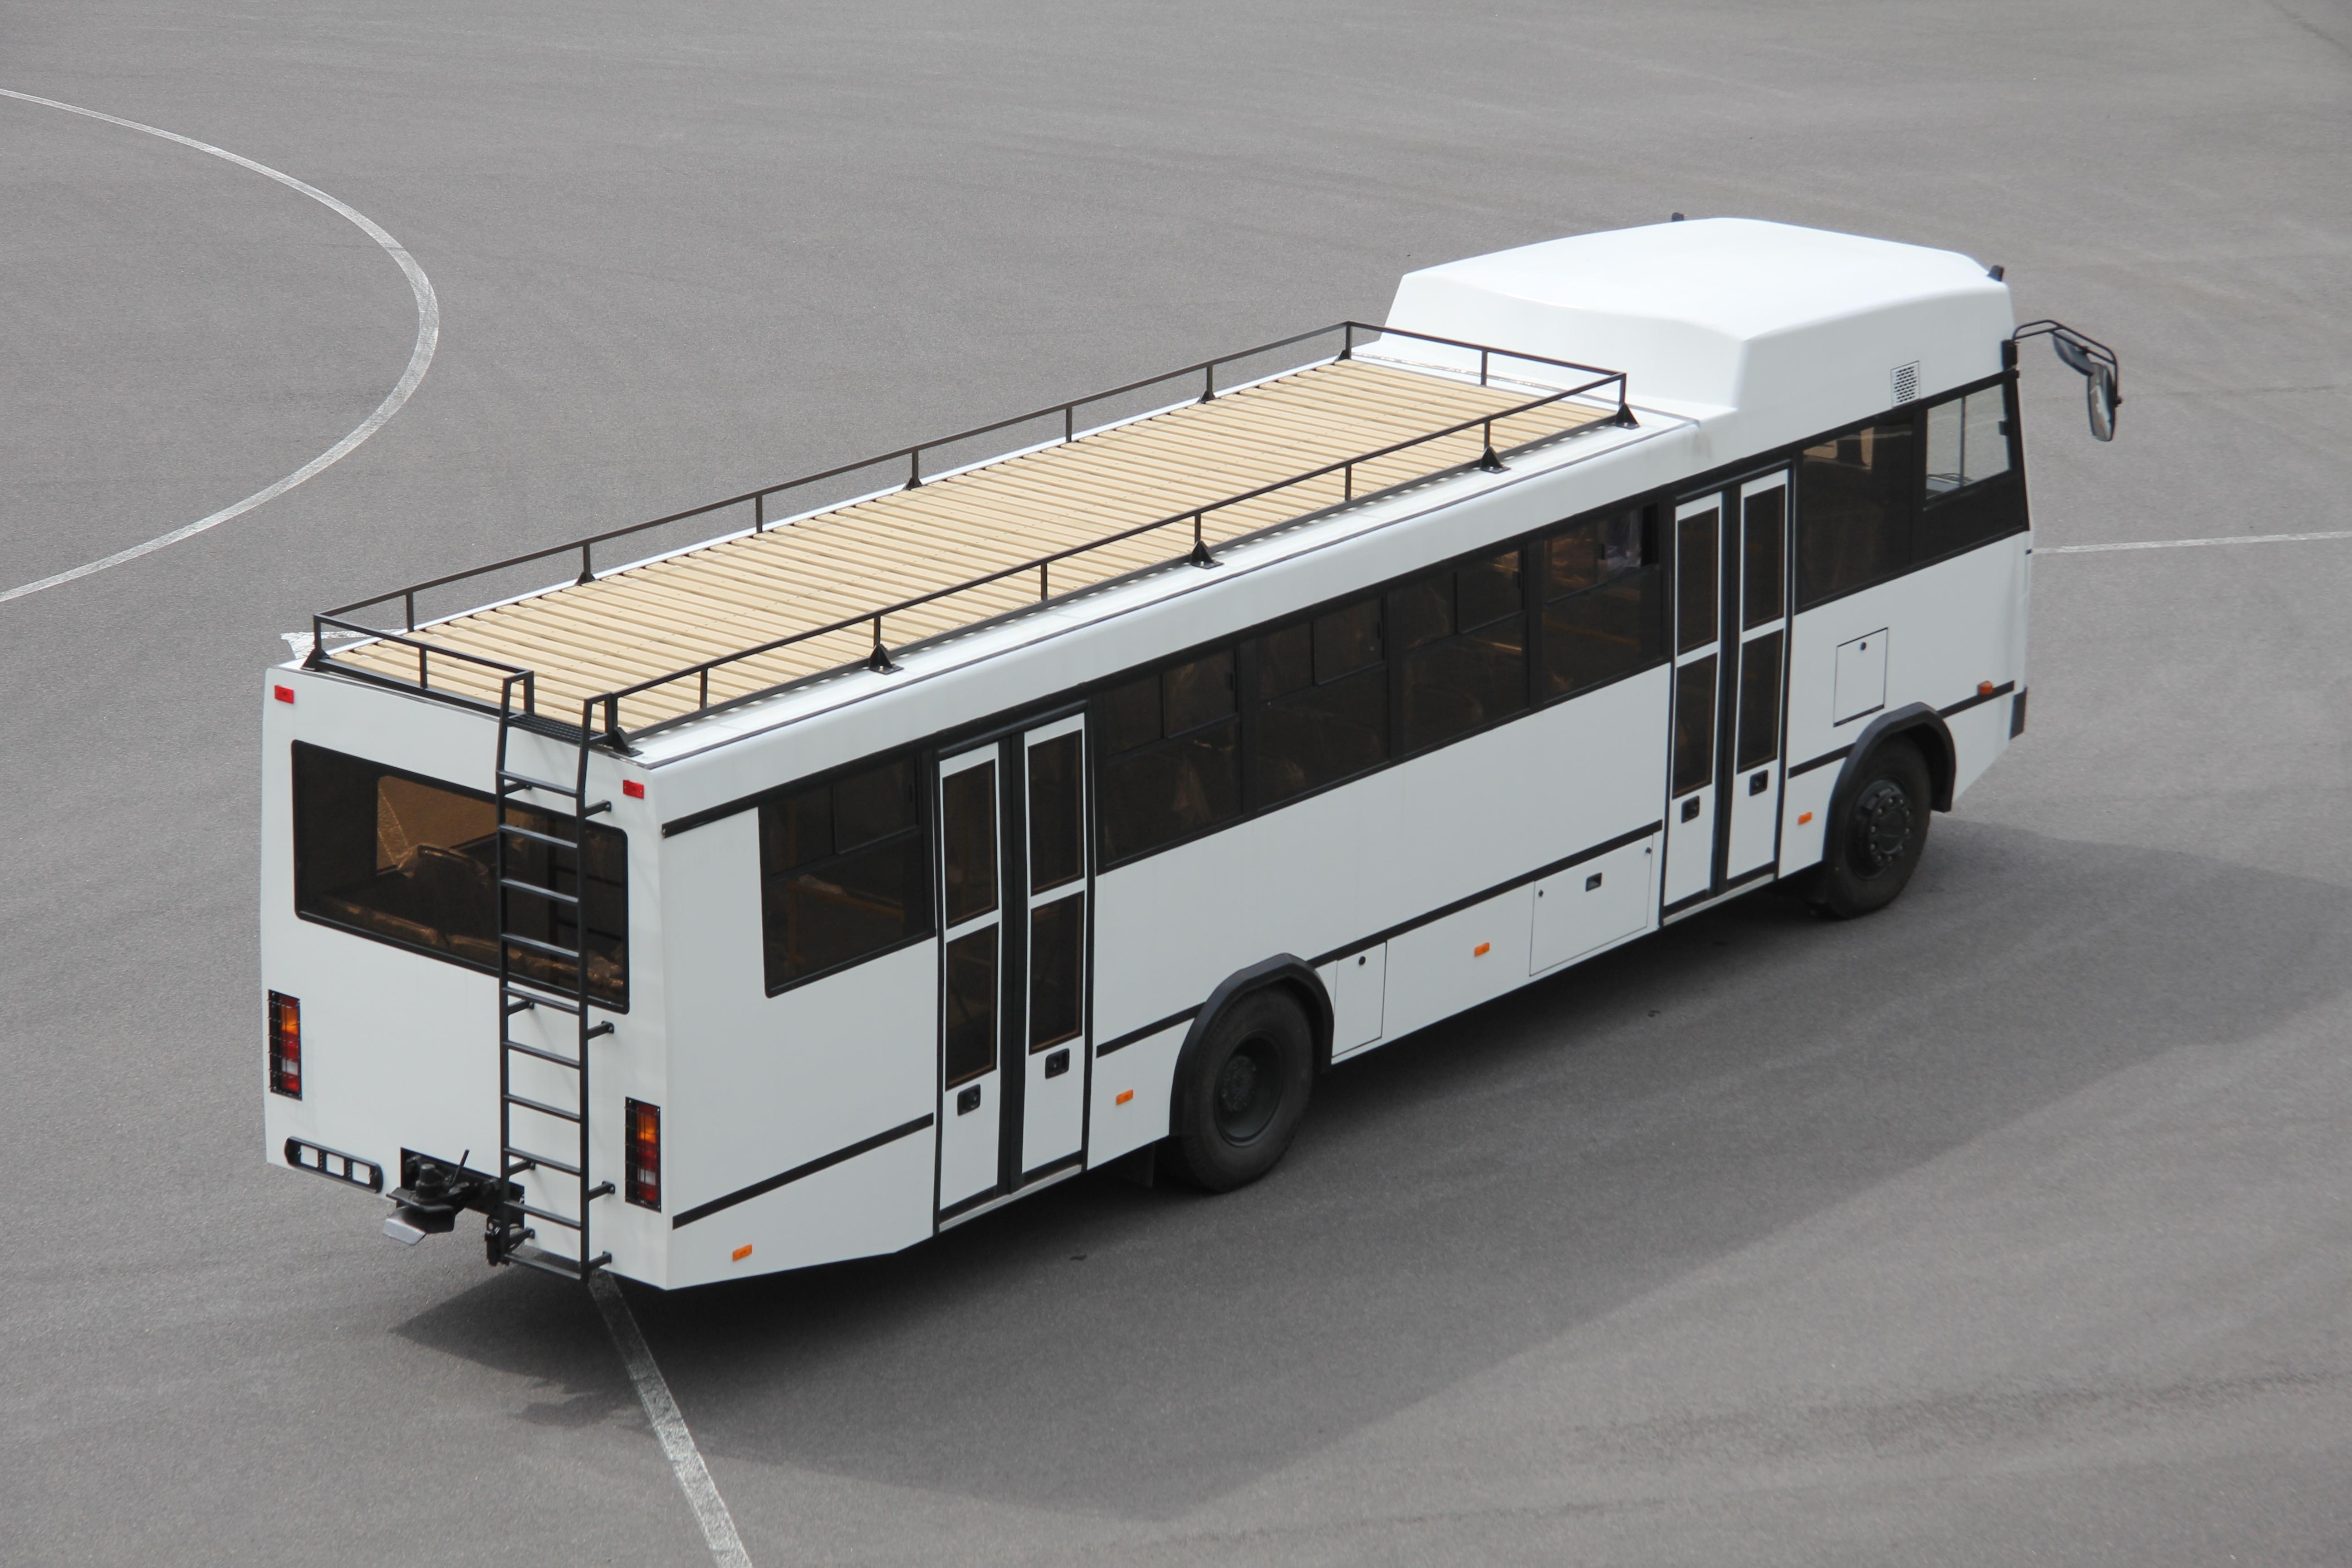 МАЗ построил автобус для африканских стран 3